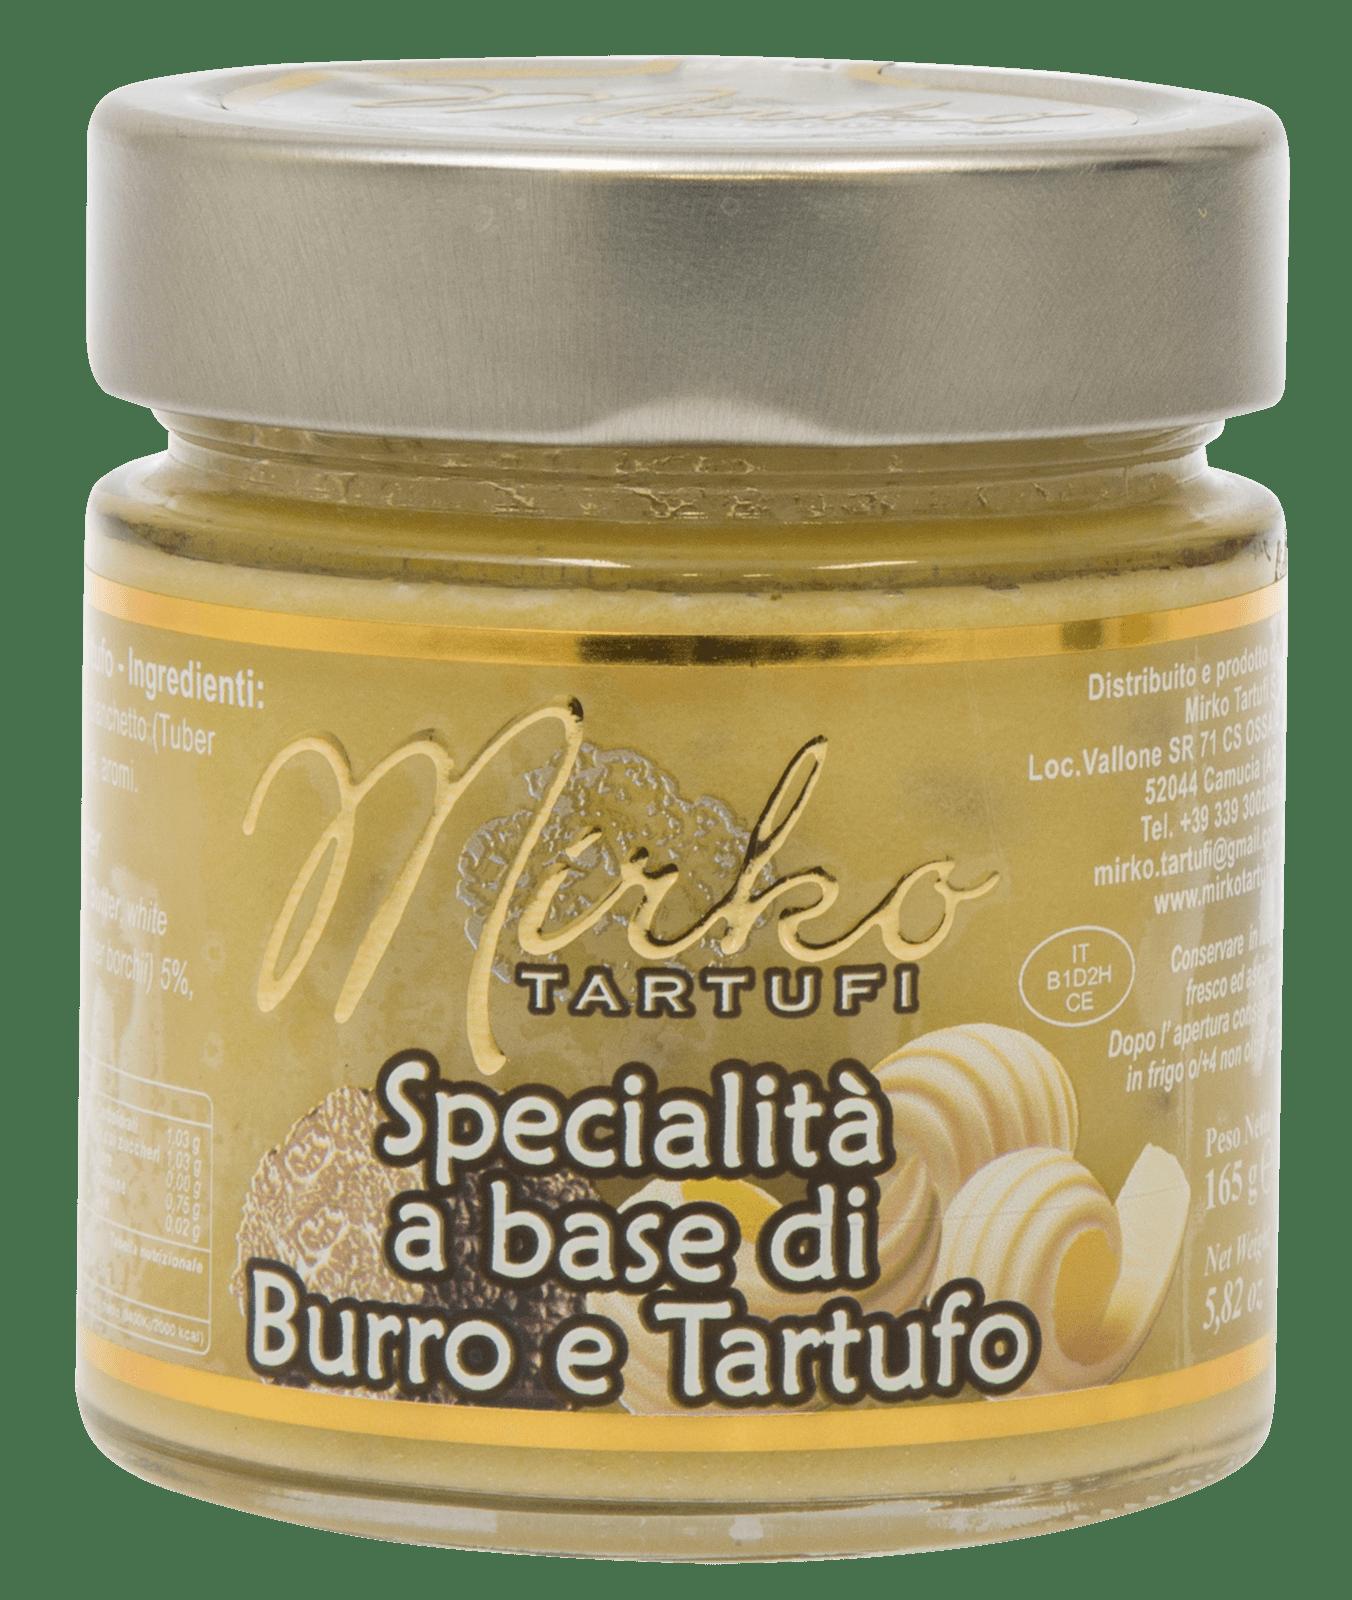 Specialità a Base di Burro e Tartufo 75g